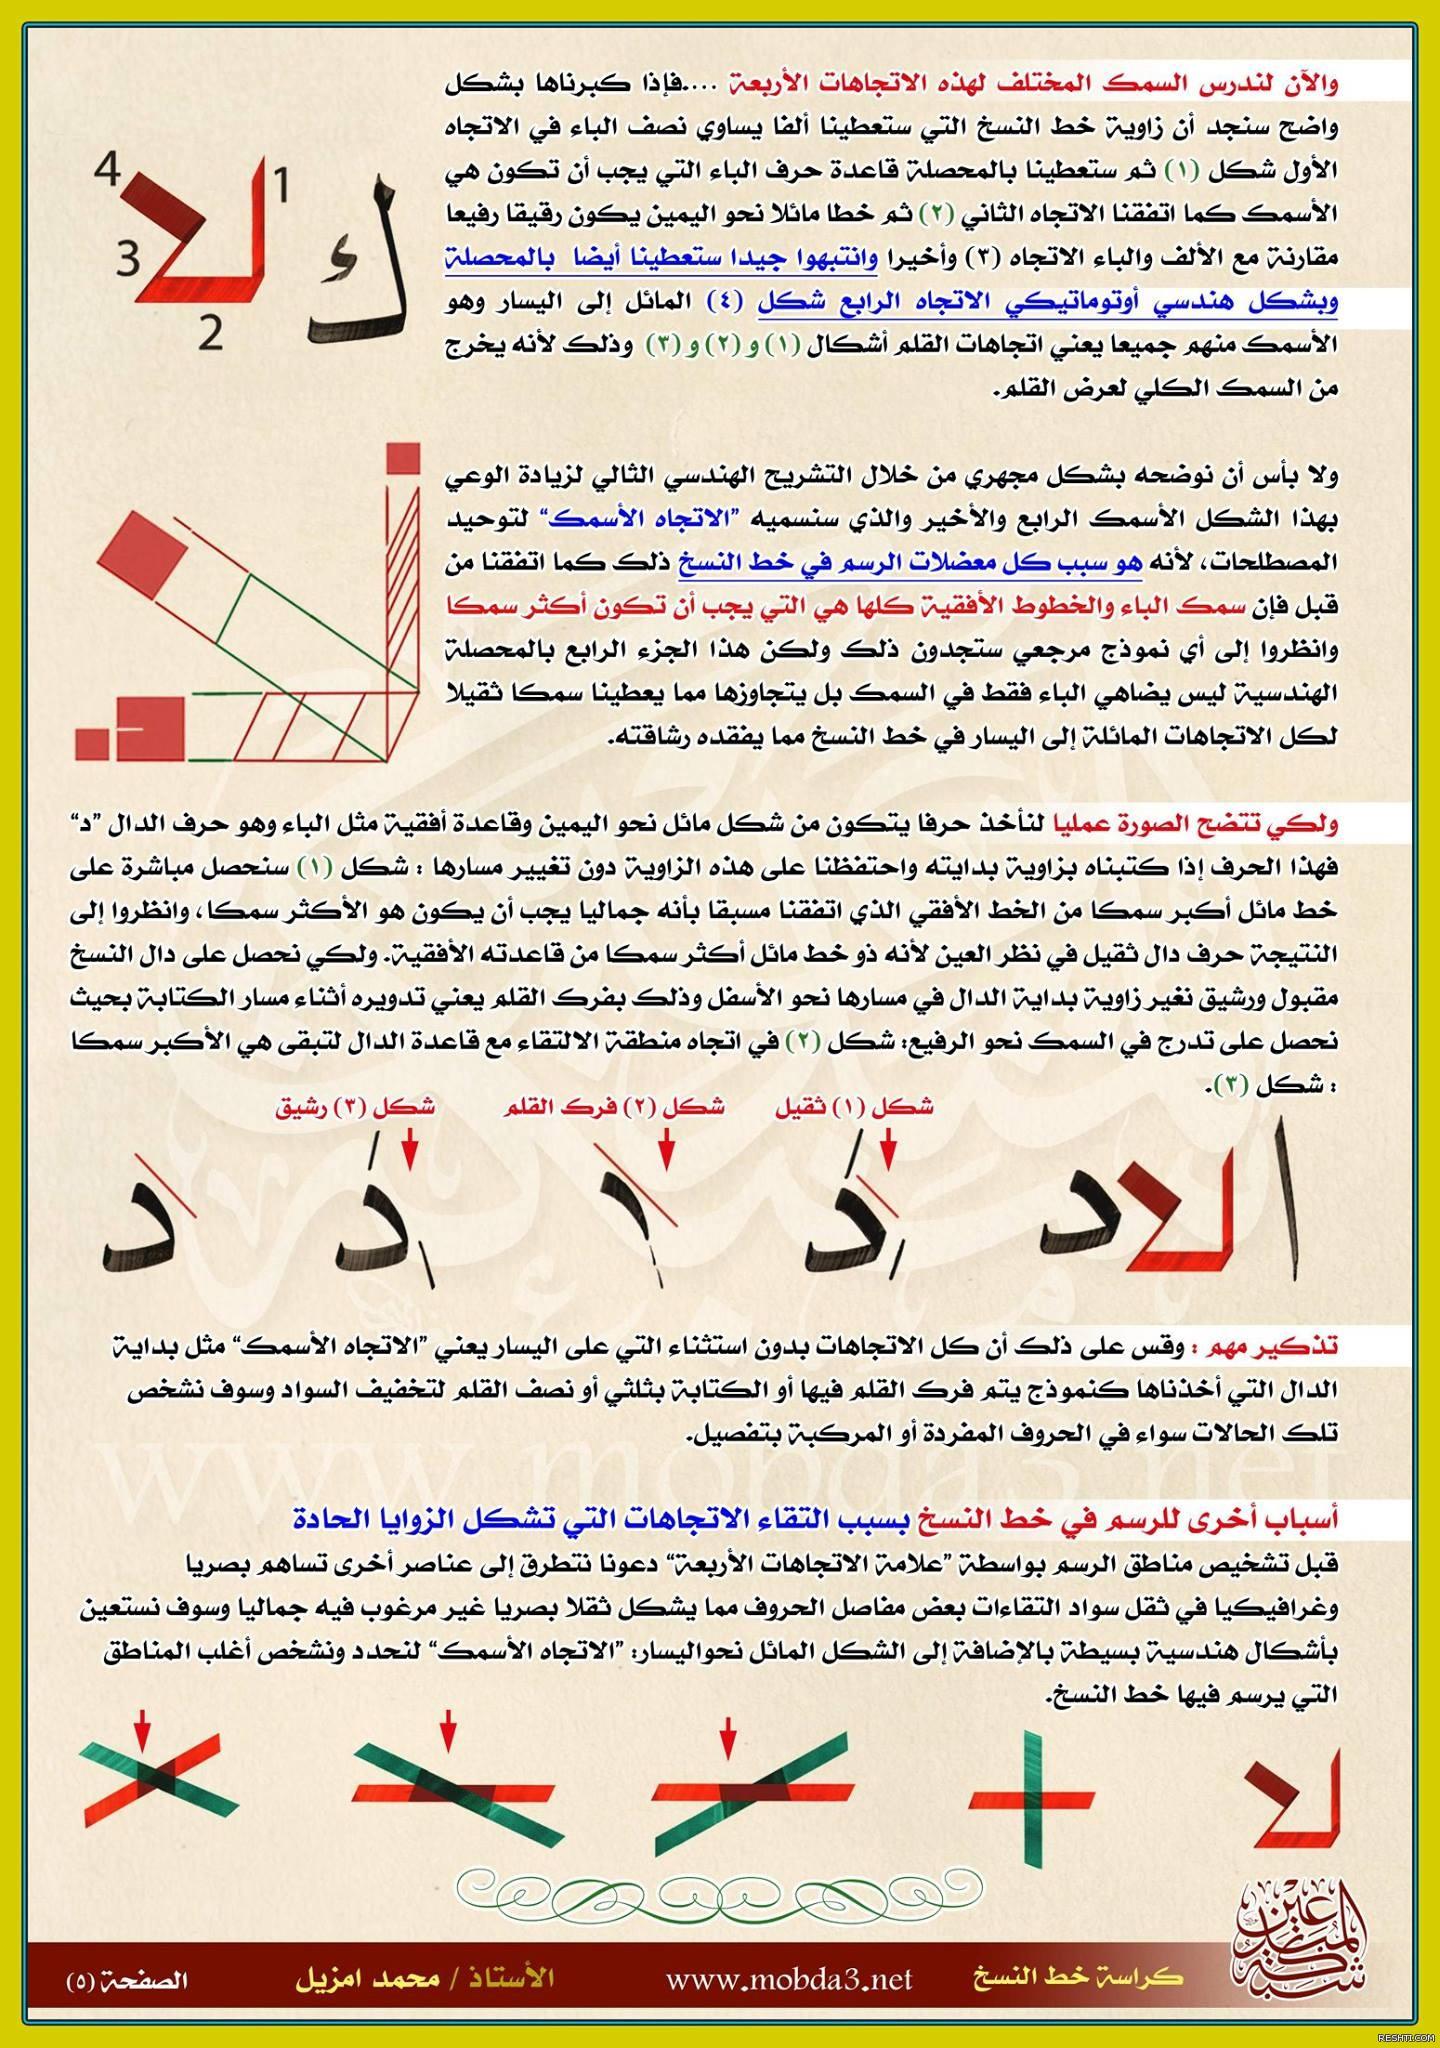 أسرار الرسم في خط النسخ - محمد أمزيل 8